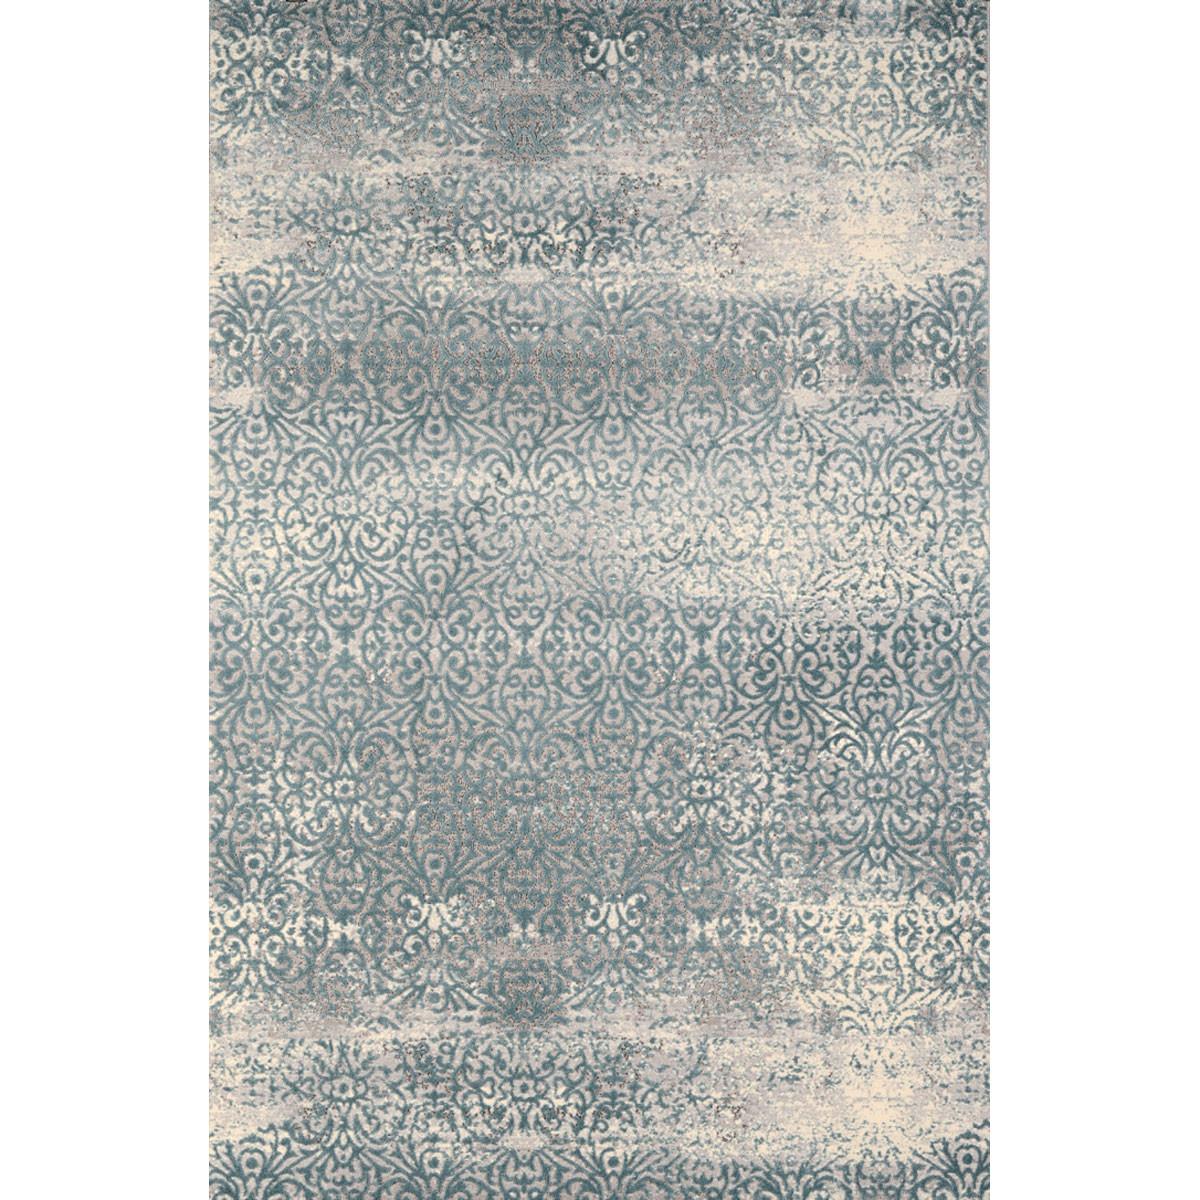 Χαλιά Κρεβατοκάμαρας (Σετ 3τμχ) Colore Colori Thema 14814/953